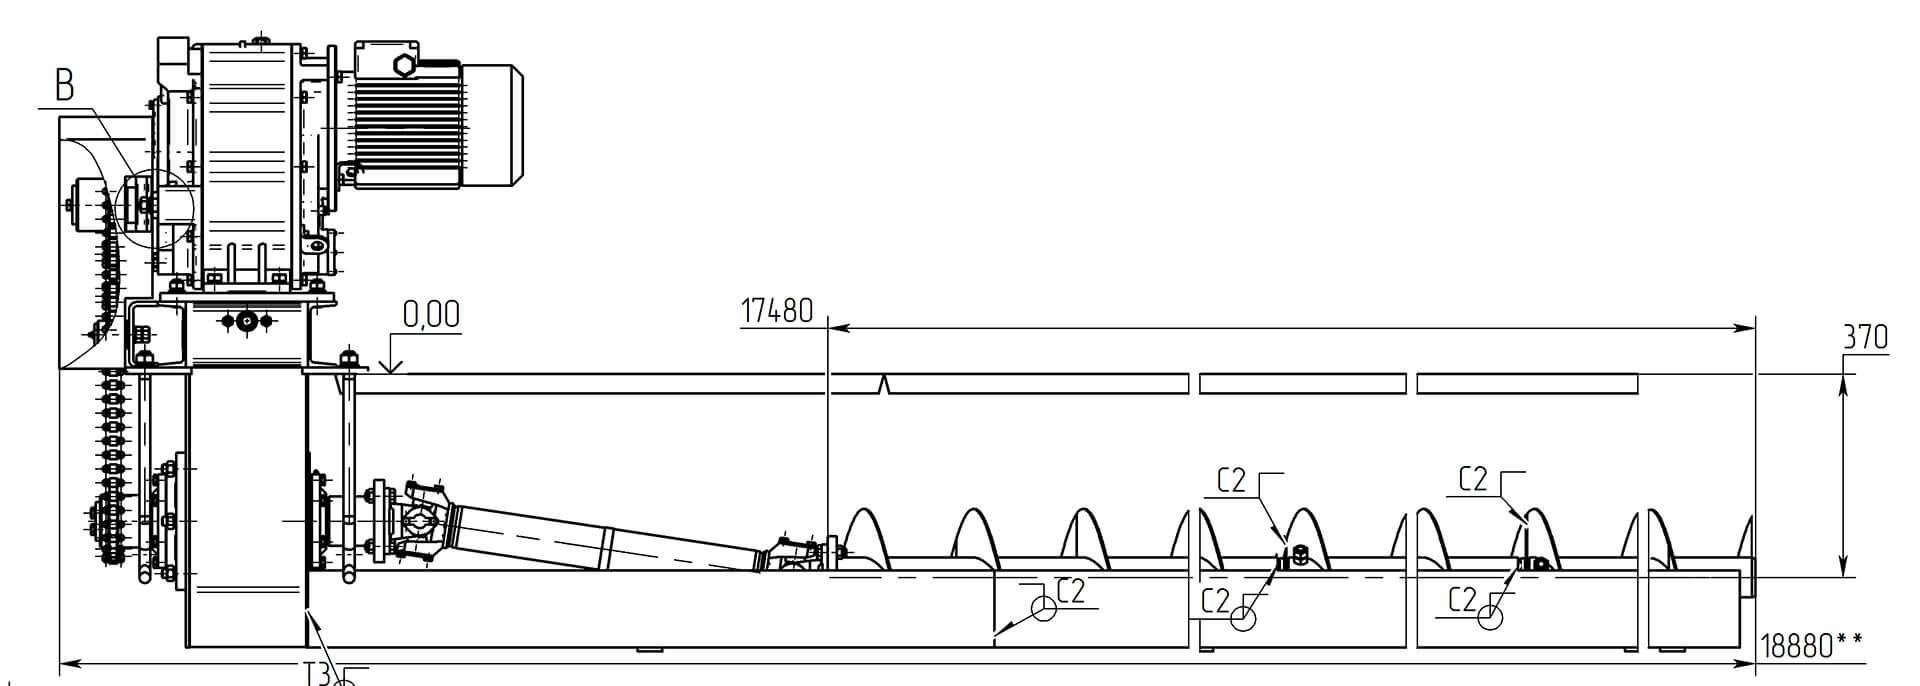 Область применения шнековых транспортеров